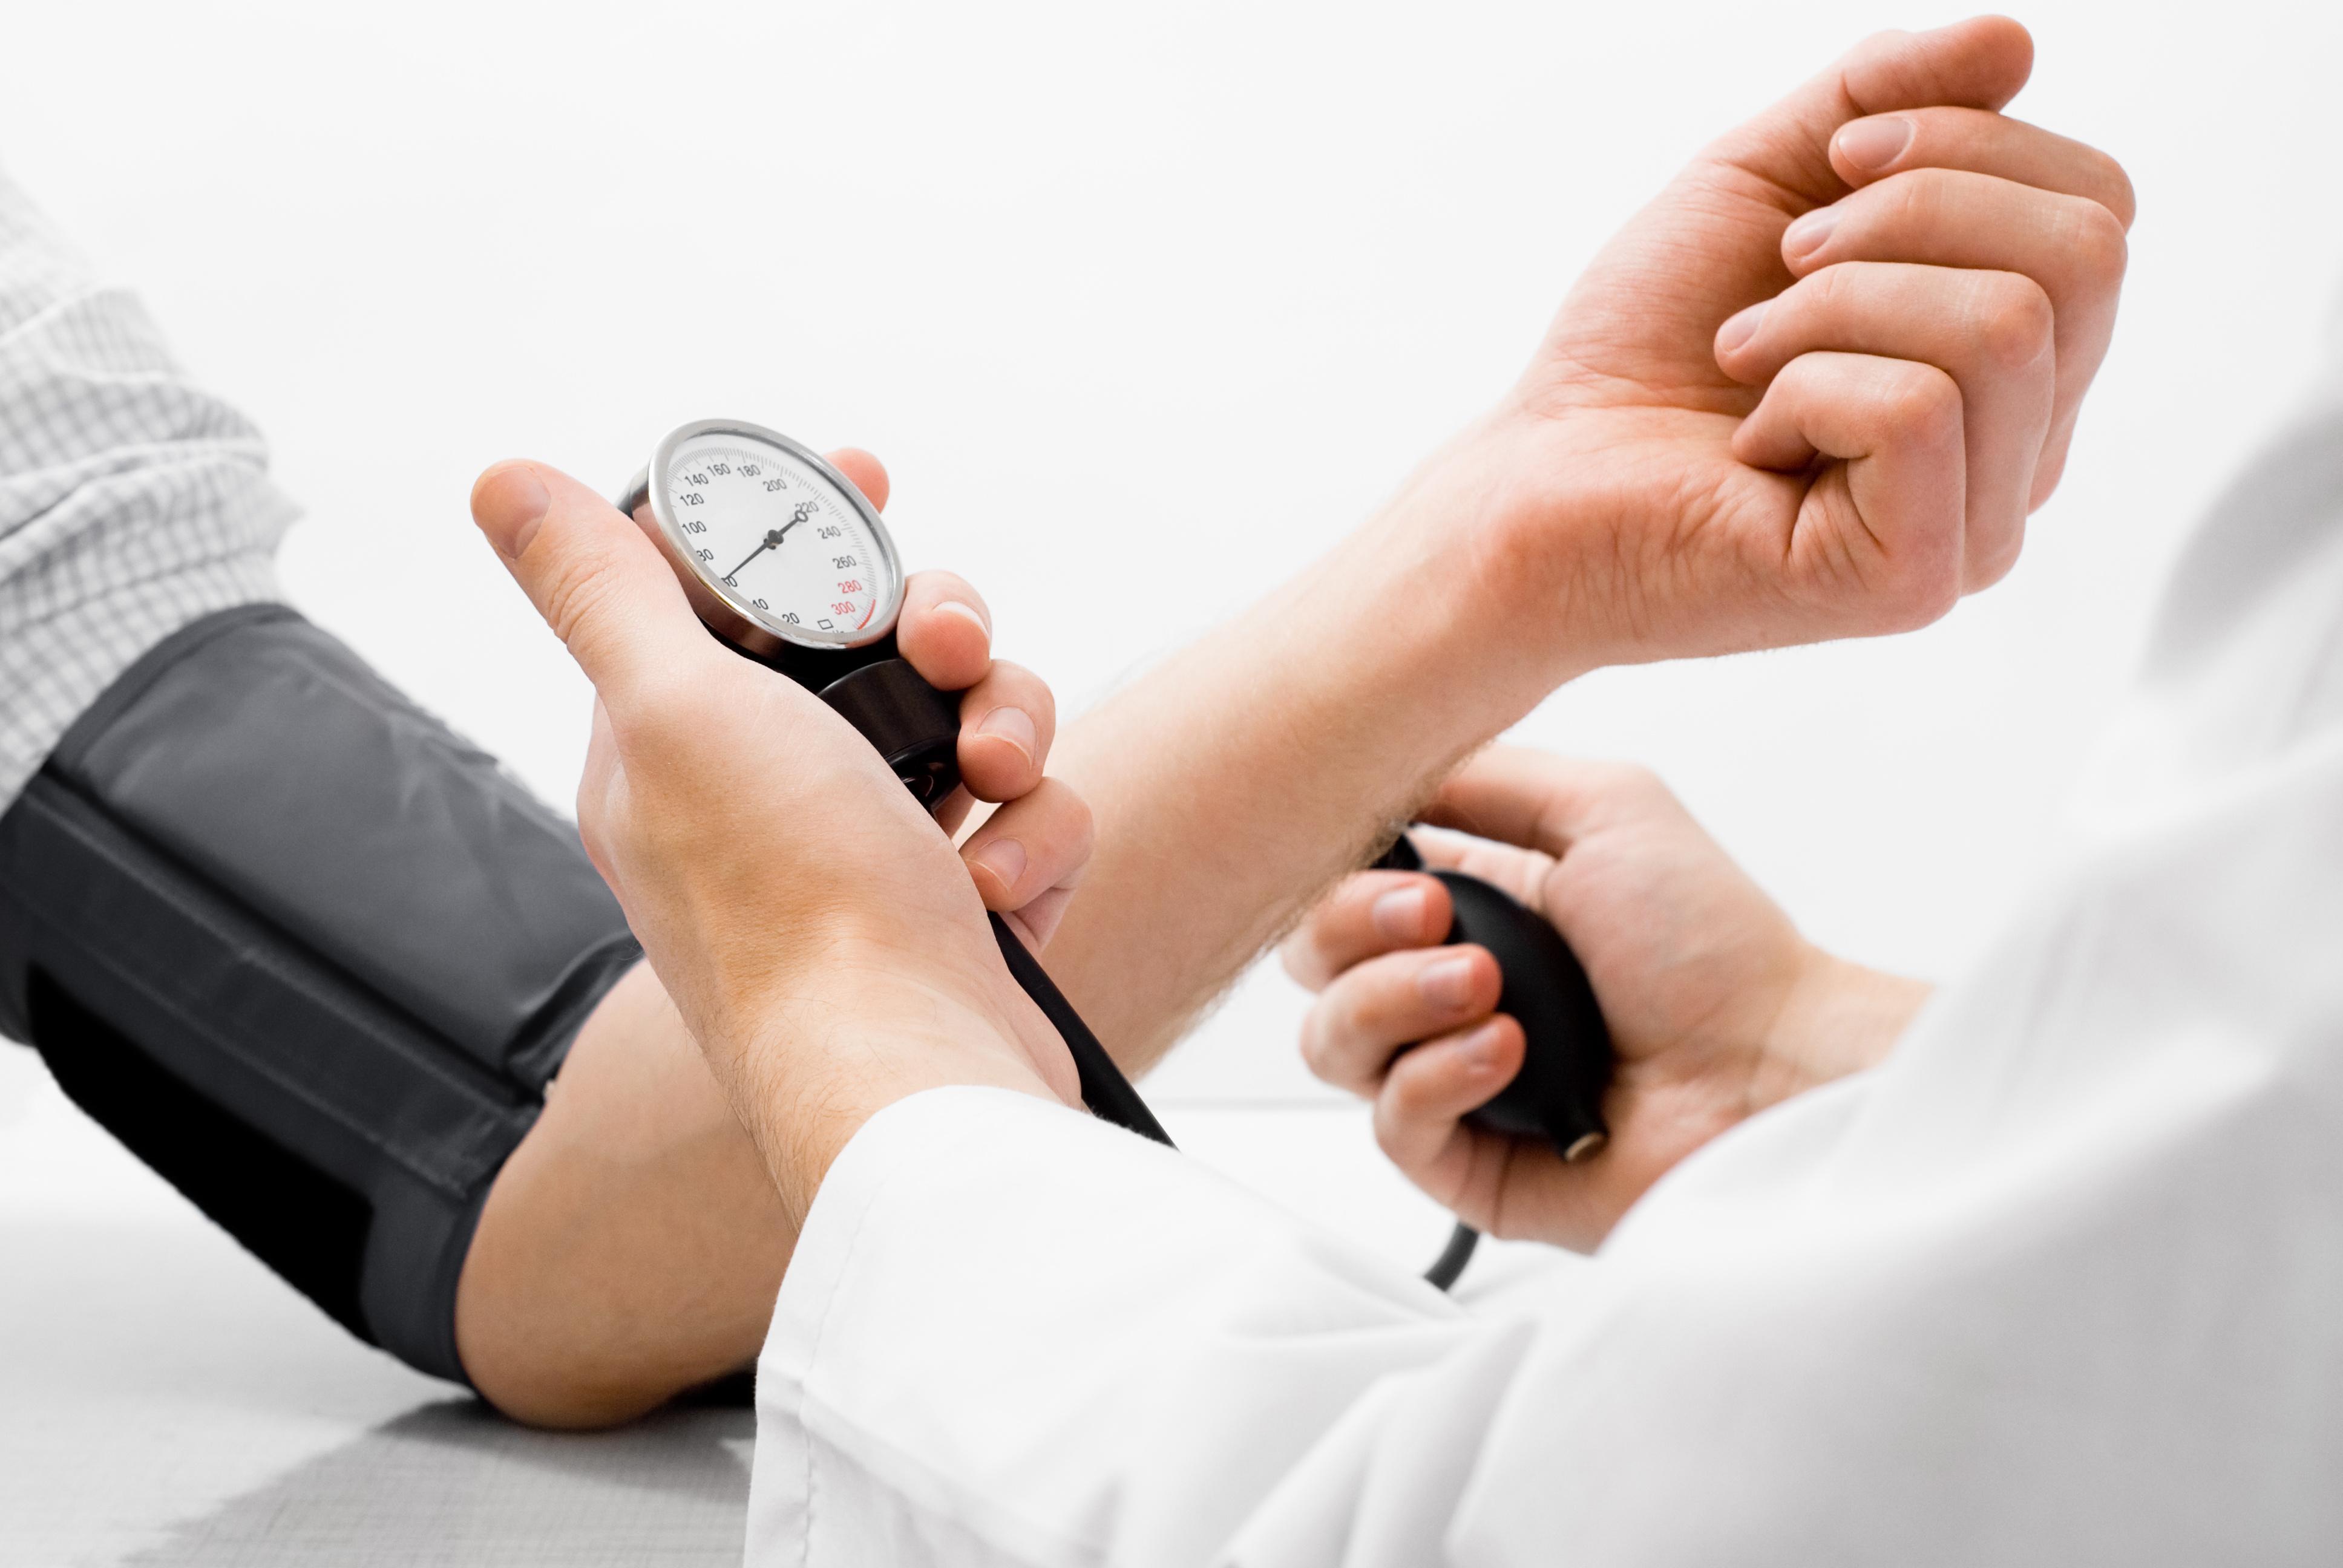 علاج ضغط الدم المرتفع بالأعشاب